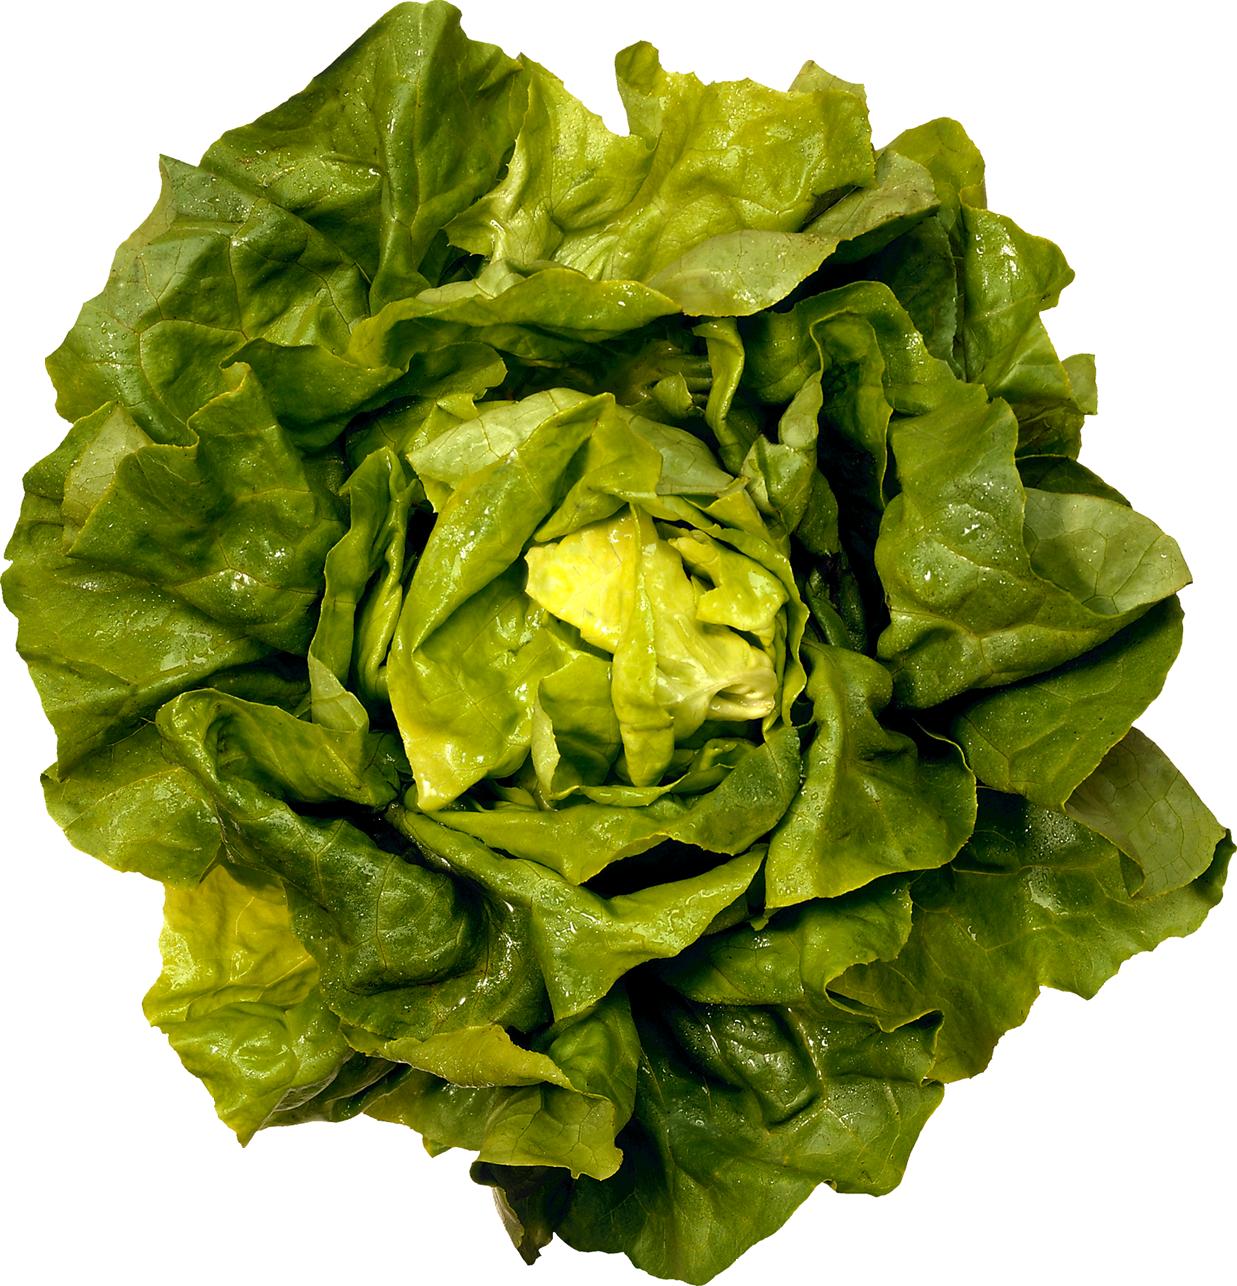 Green salad png image. Clipart vegetables leafy vegetable